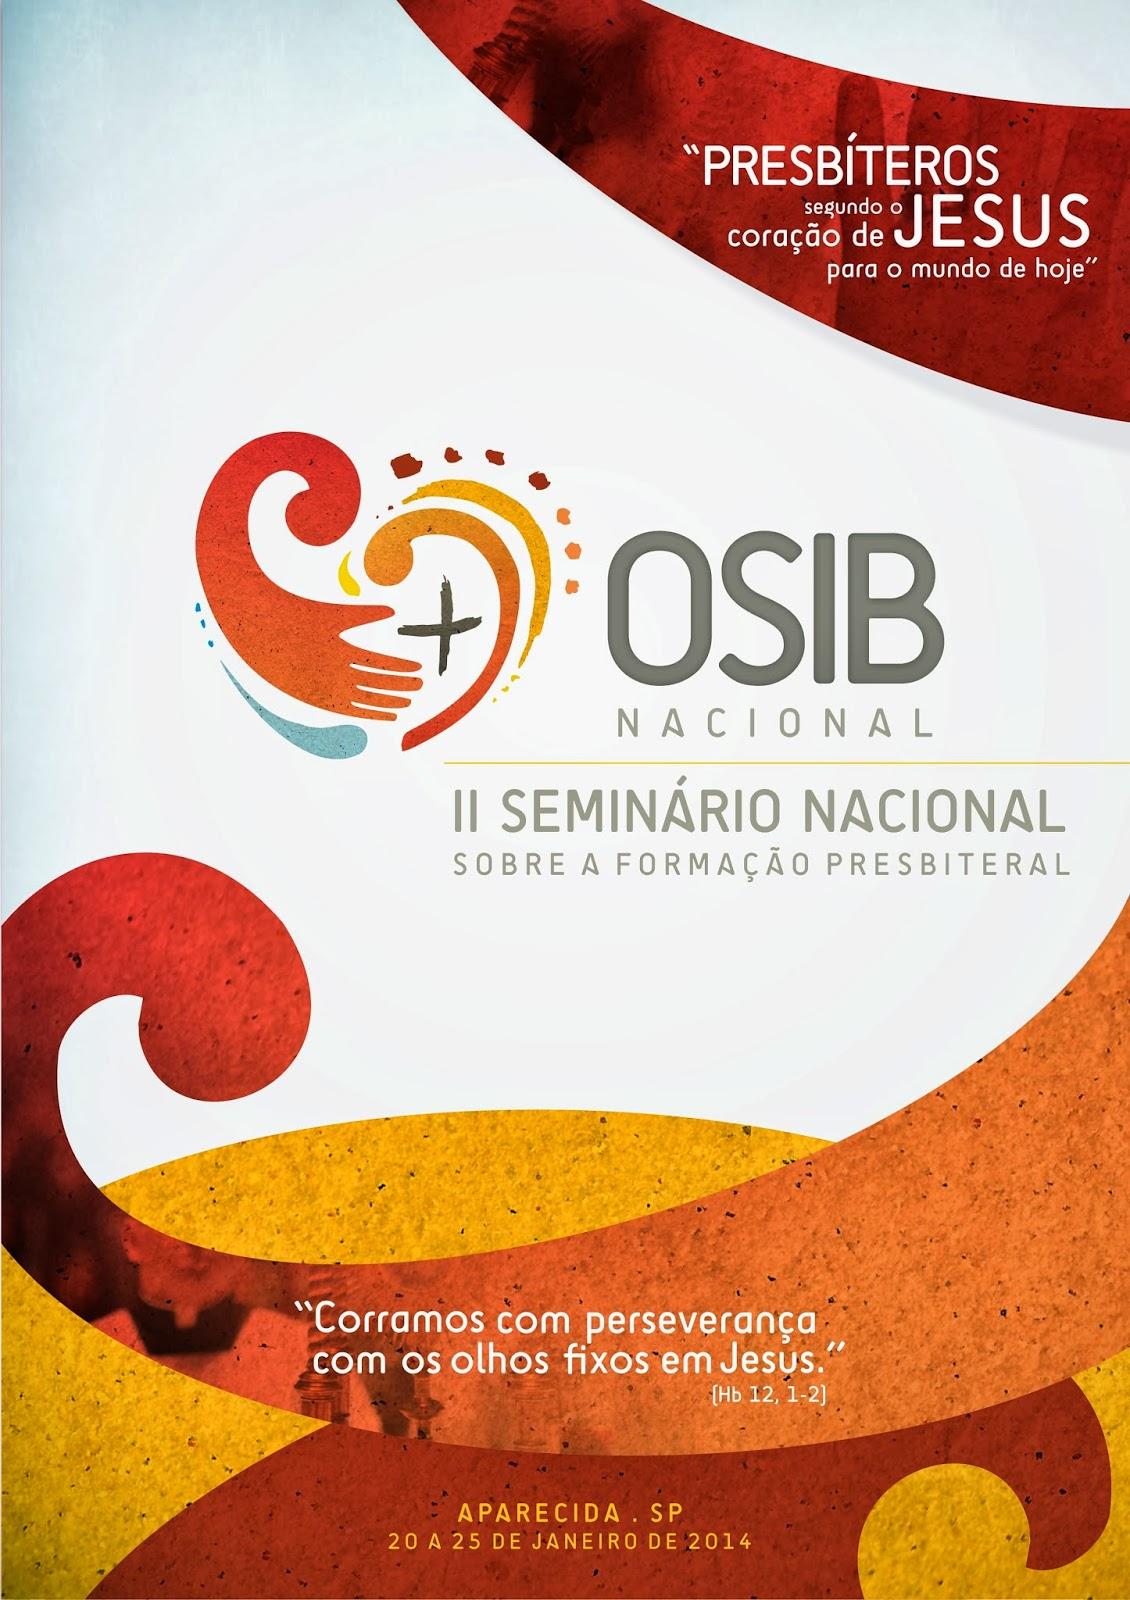 II Seminário Nacional sobre a formação Presbiteral.